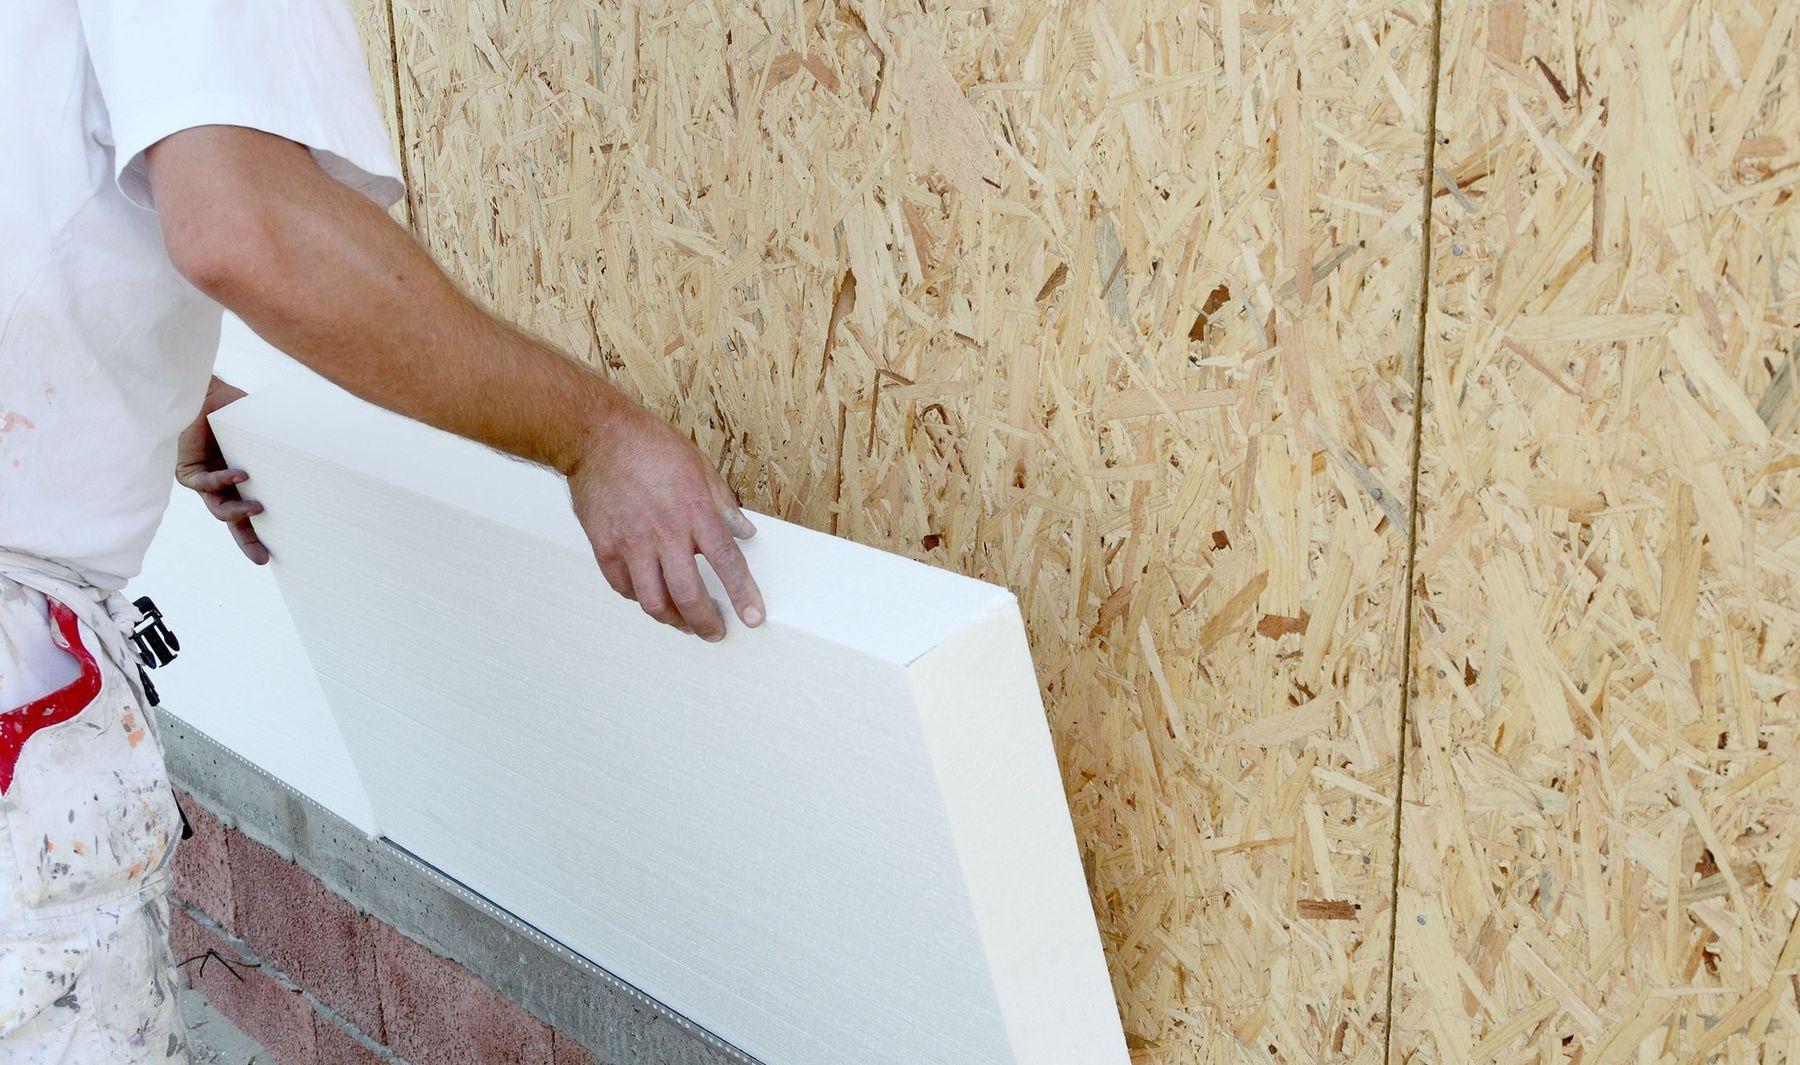 Особенности шумоизоляции в квартире многоэтажки. Способы и применяемые материалы